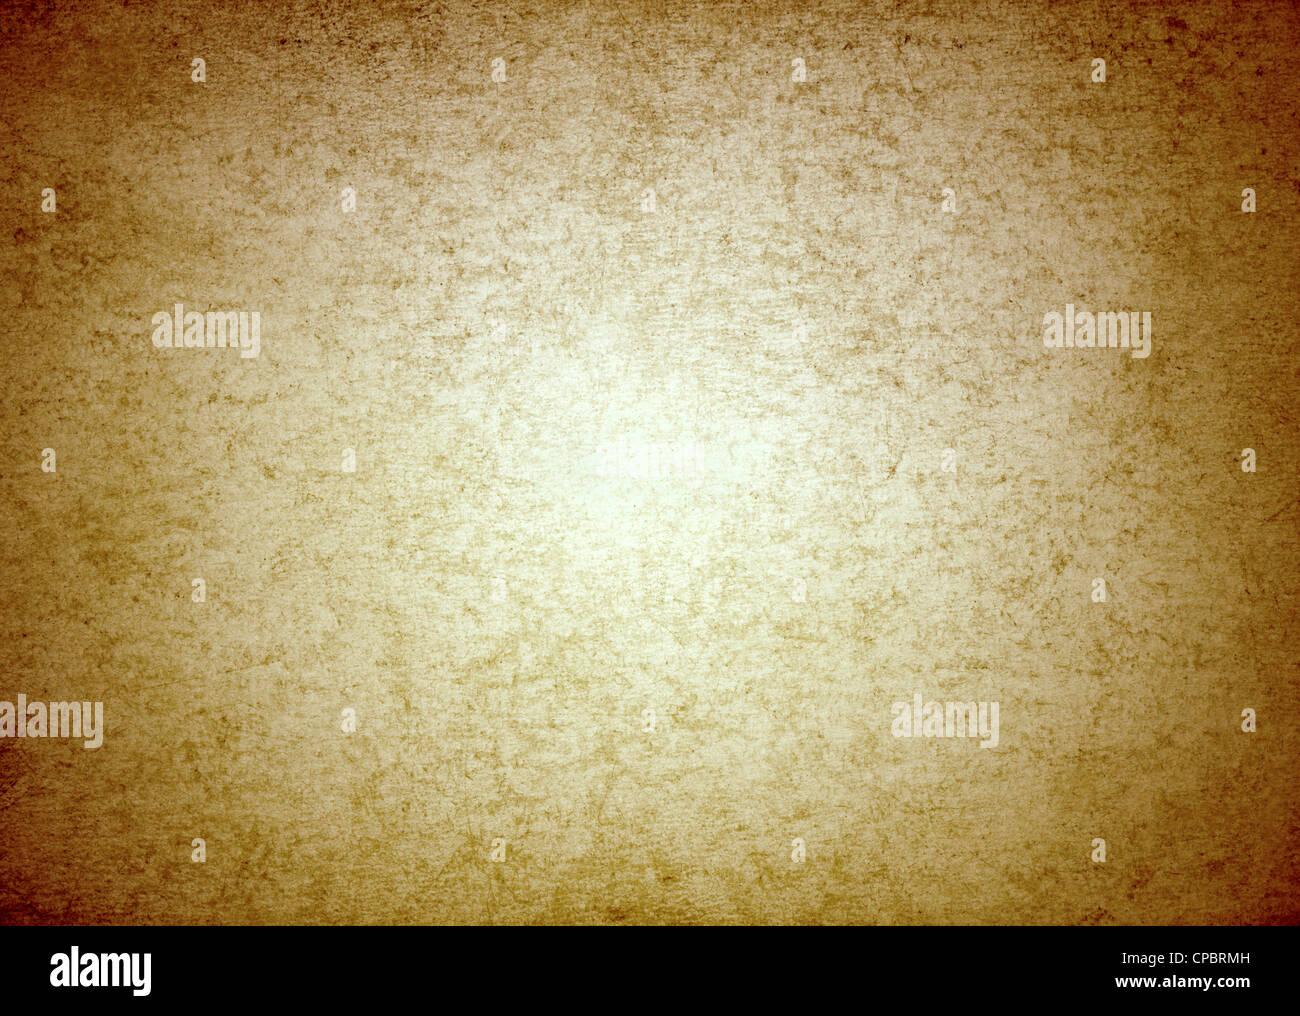 Old vintage paper vignette effect. - Stock Image